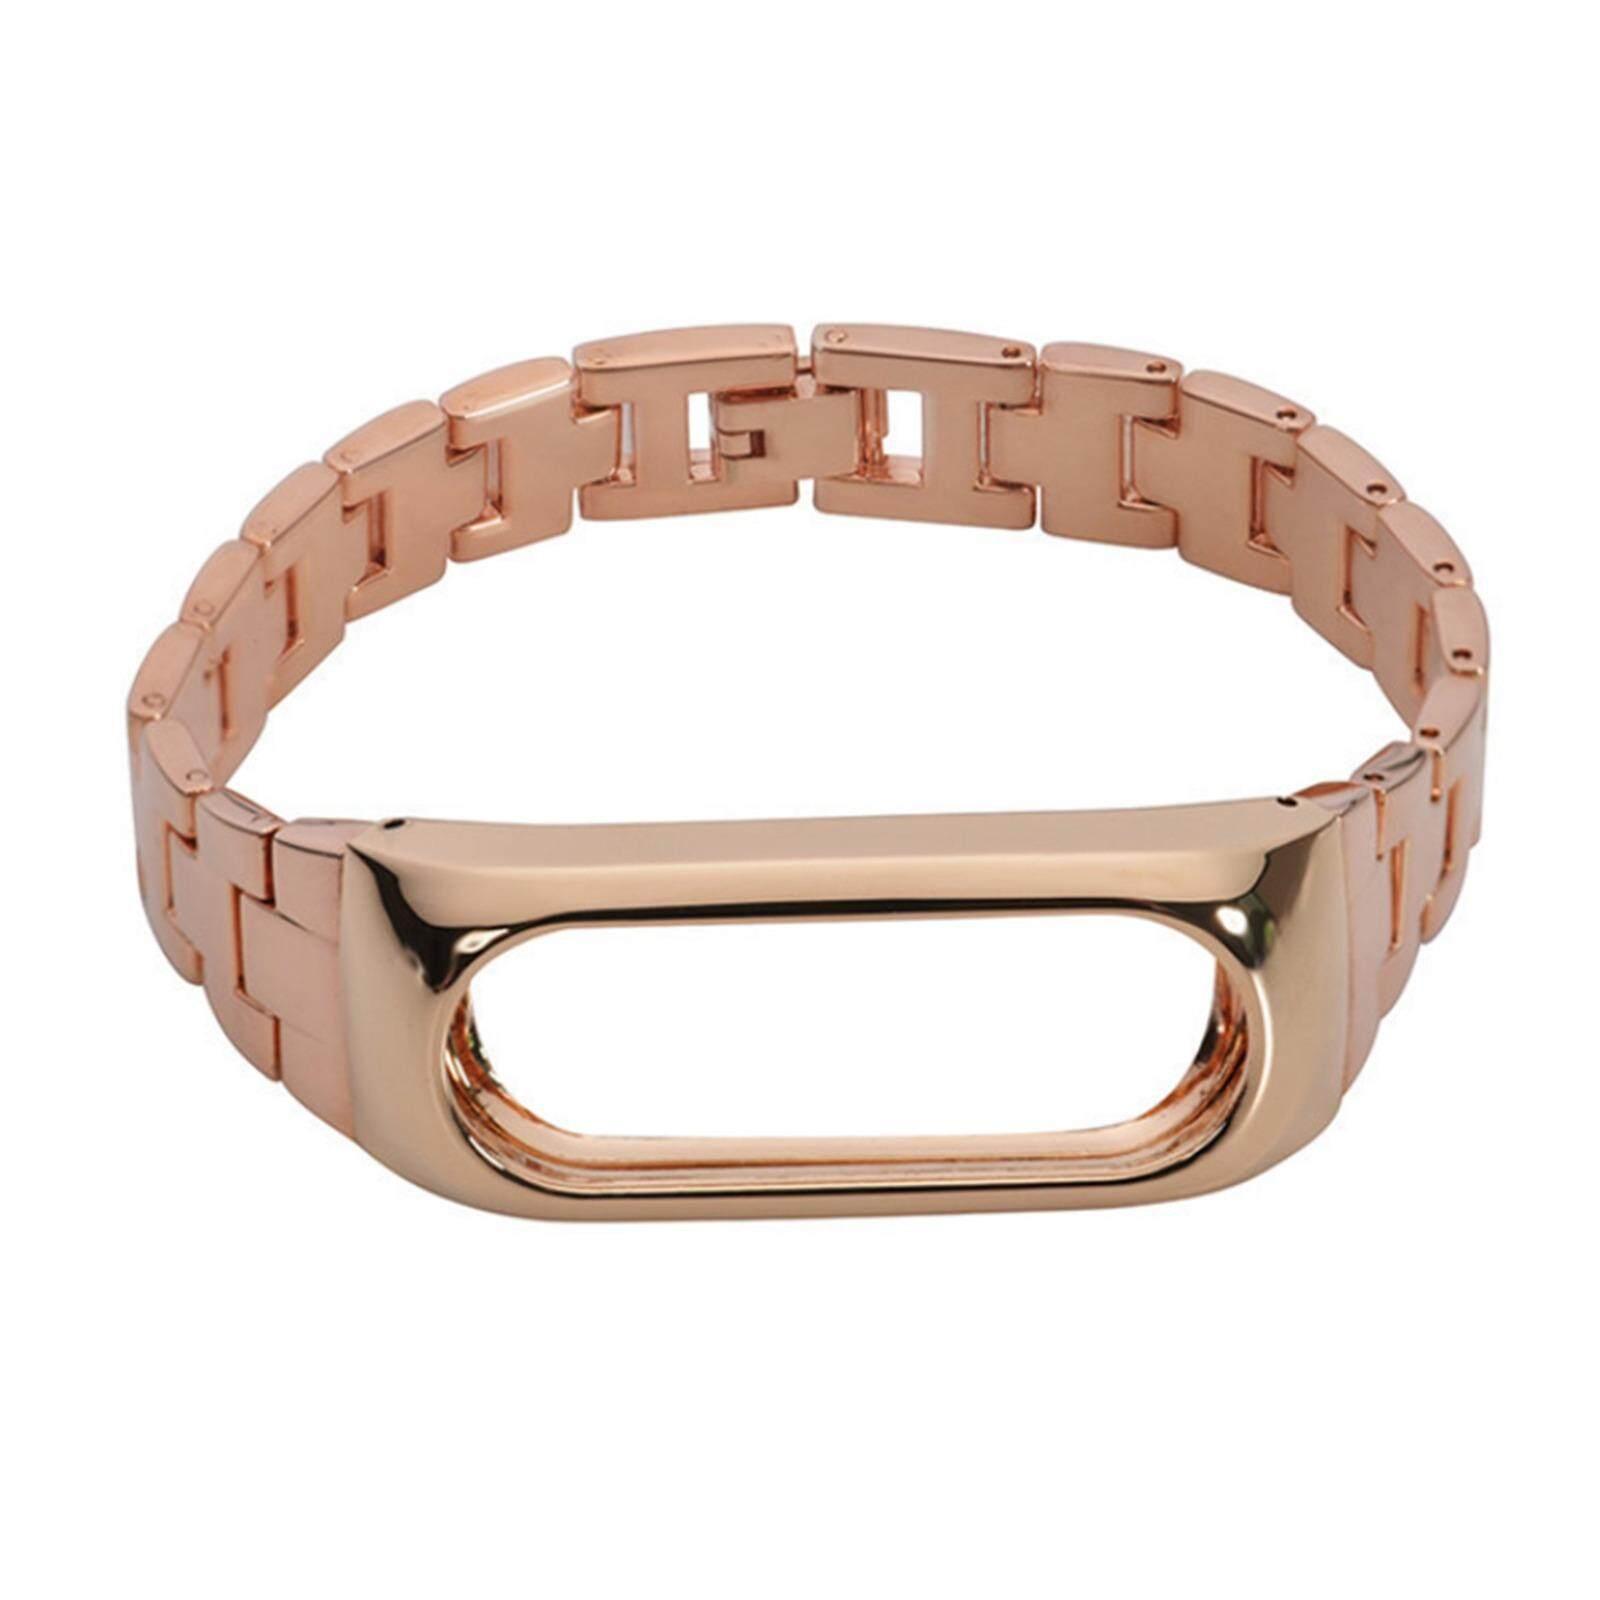 ราคา Wrist Wristband Strap For Mi Band 2 Miband 2 Stainless Steel Strap ถูก